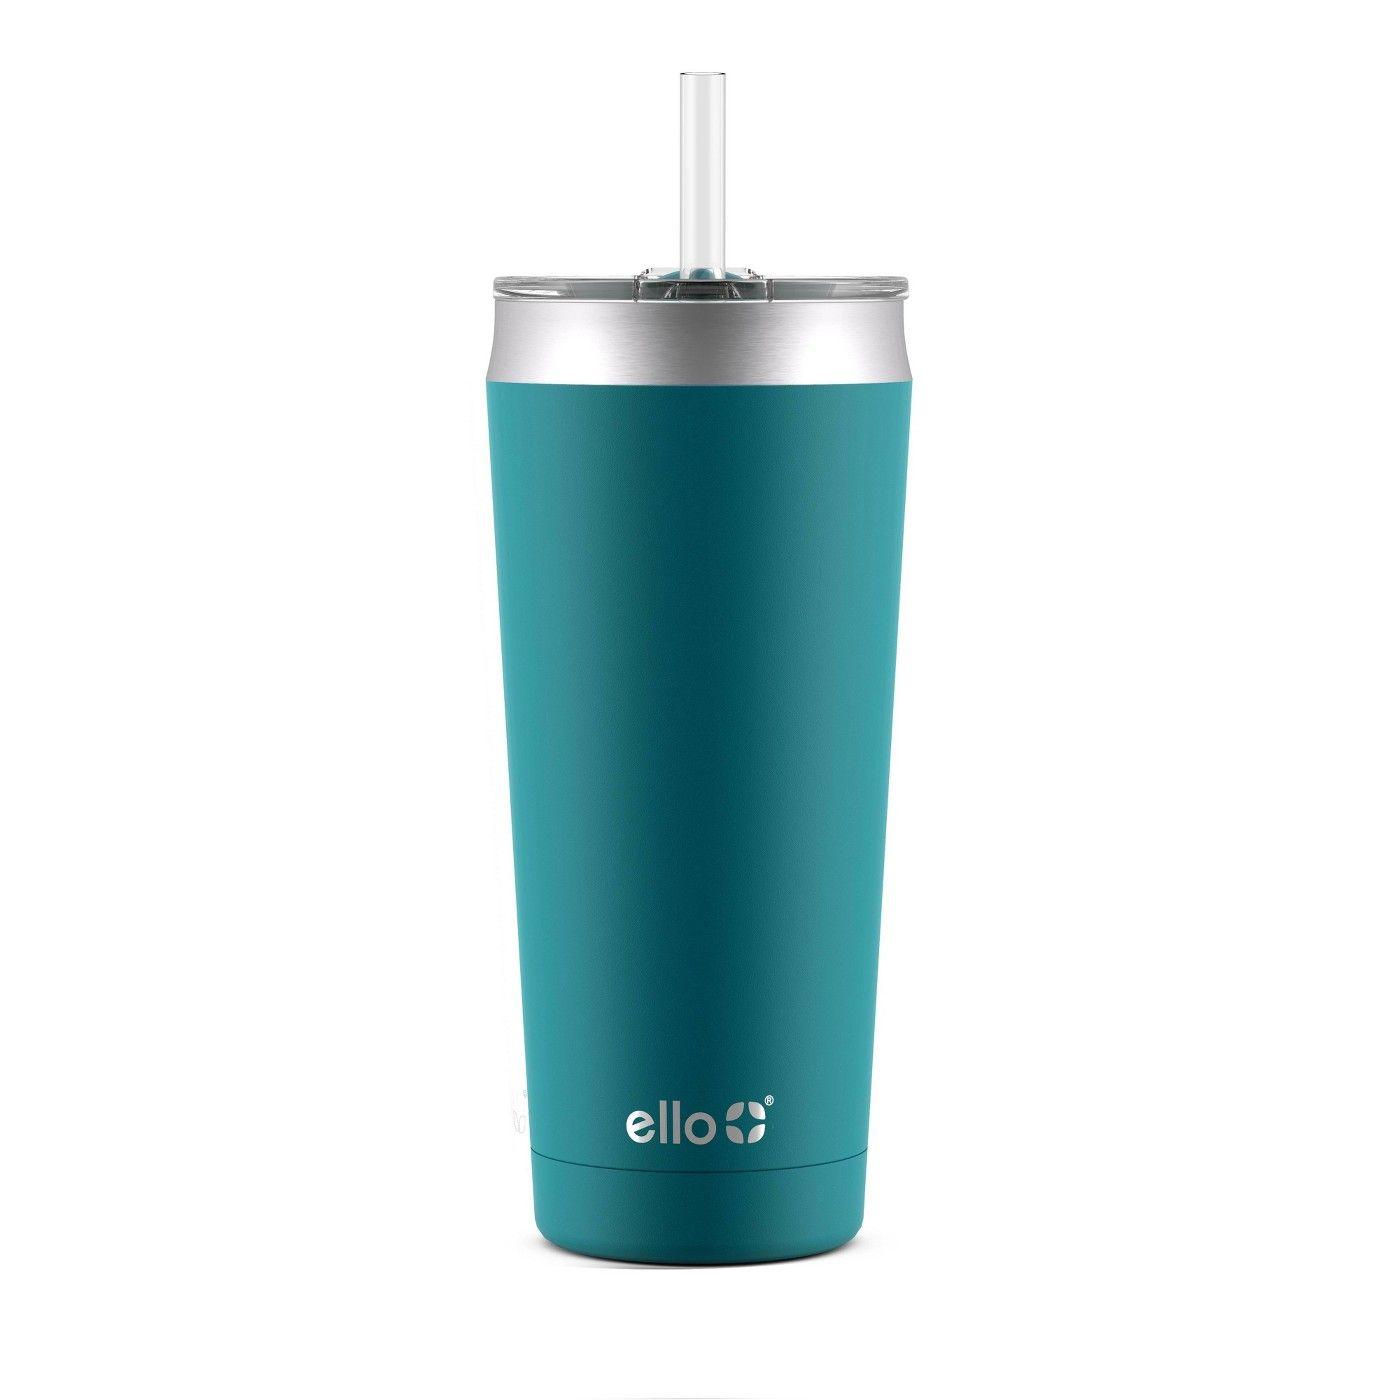 Ello 20oz stainless steel beacon tumbler with lid